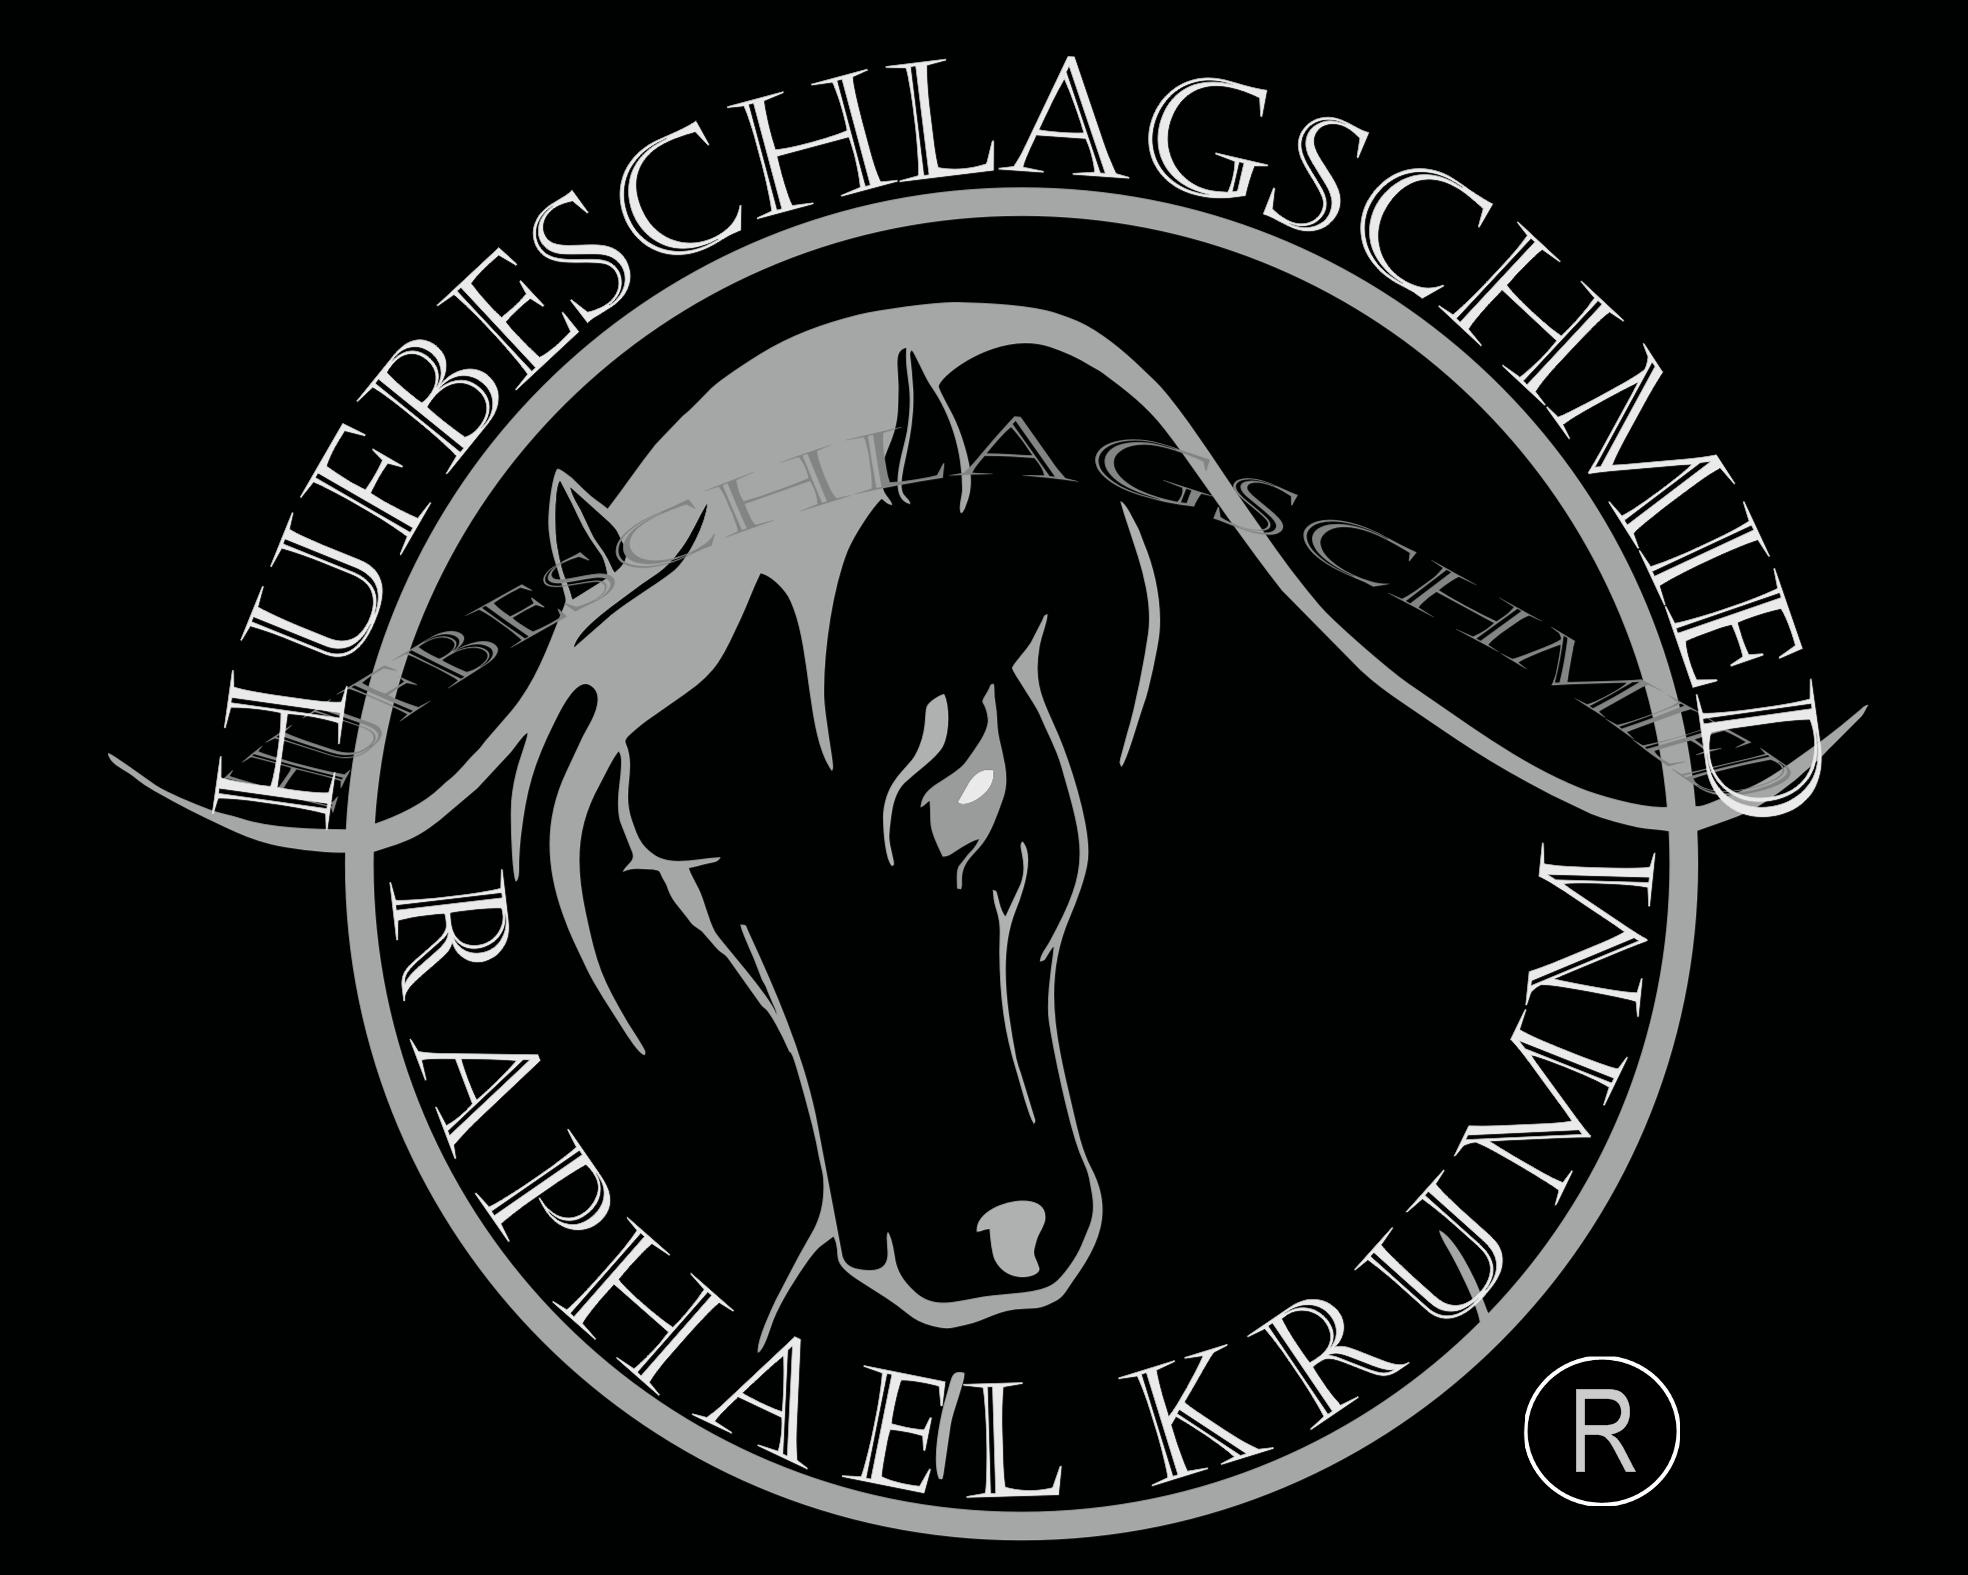 Hufschmied Im Westerwald - Hufschmied, Transparent background PNG HD thumbnail